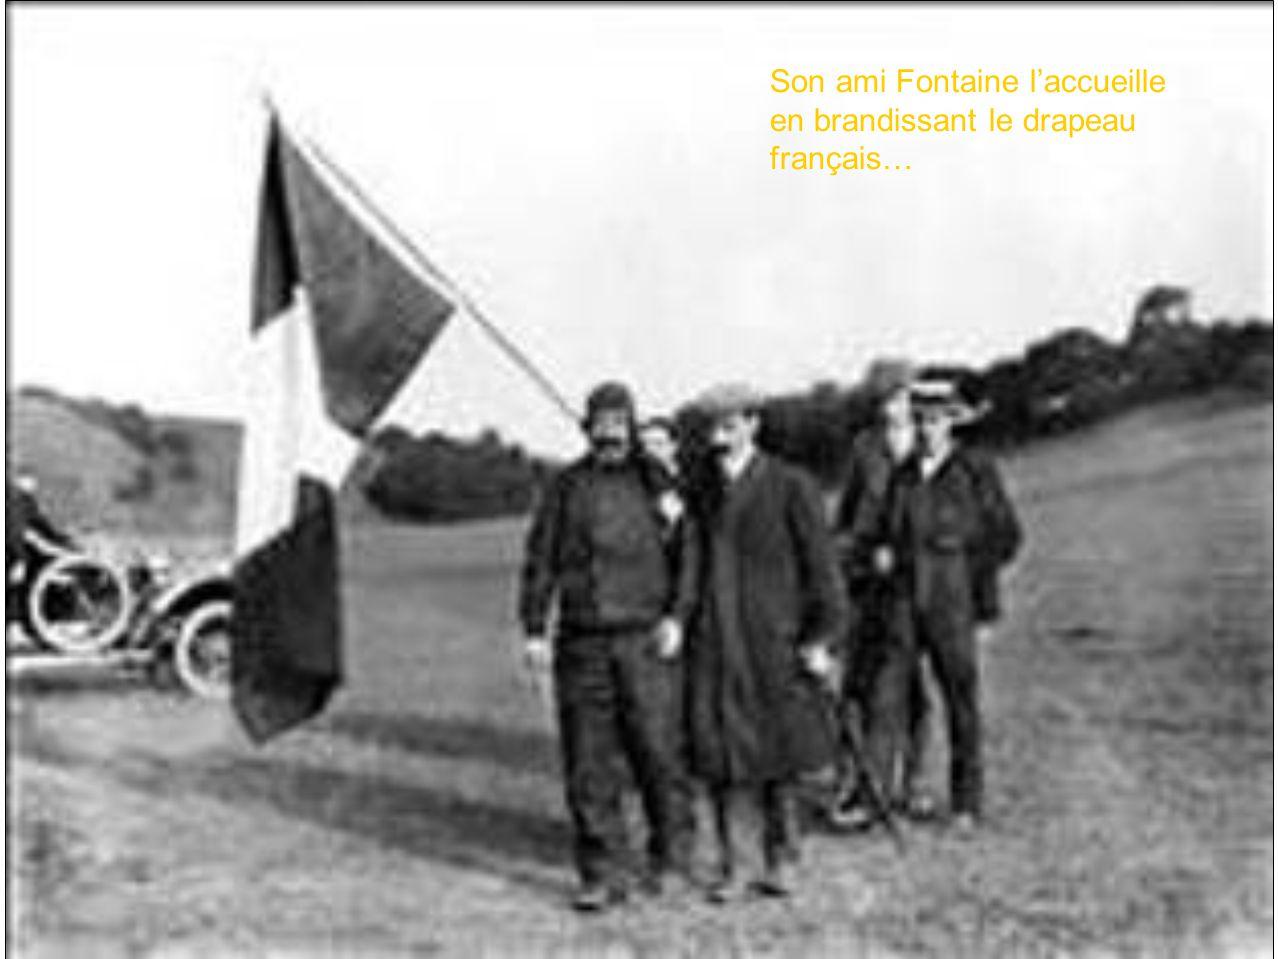 Son ami Fontaine l'accueille en brandissant le drapeau français…